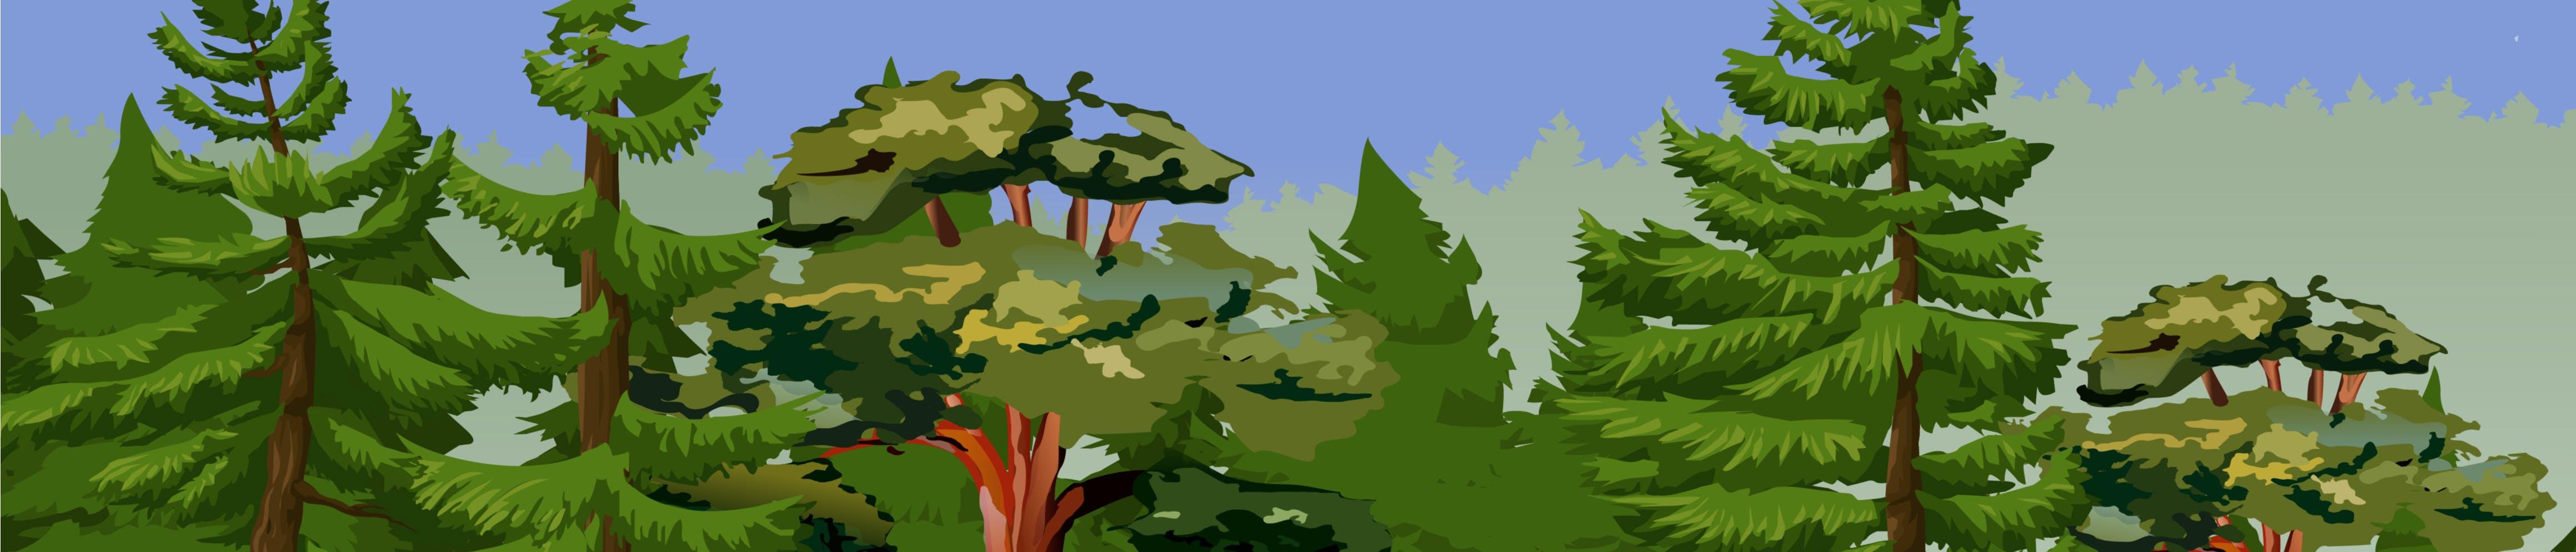 Digital illustration of forest